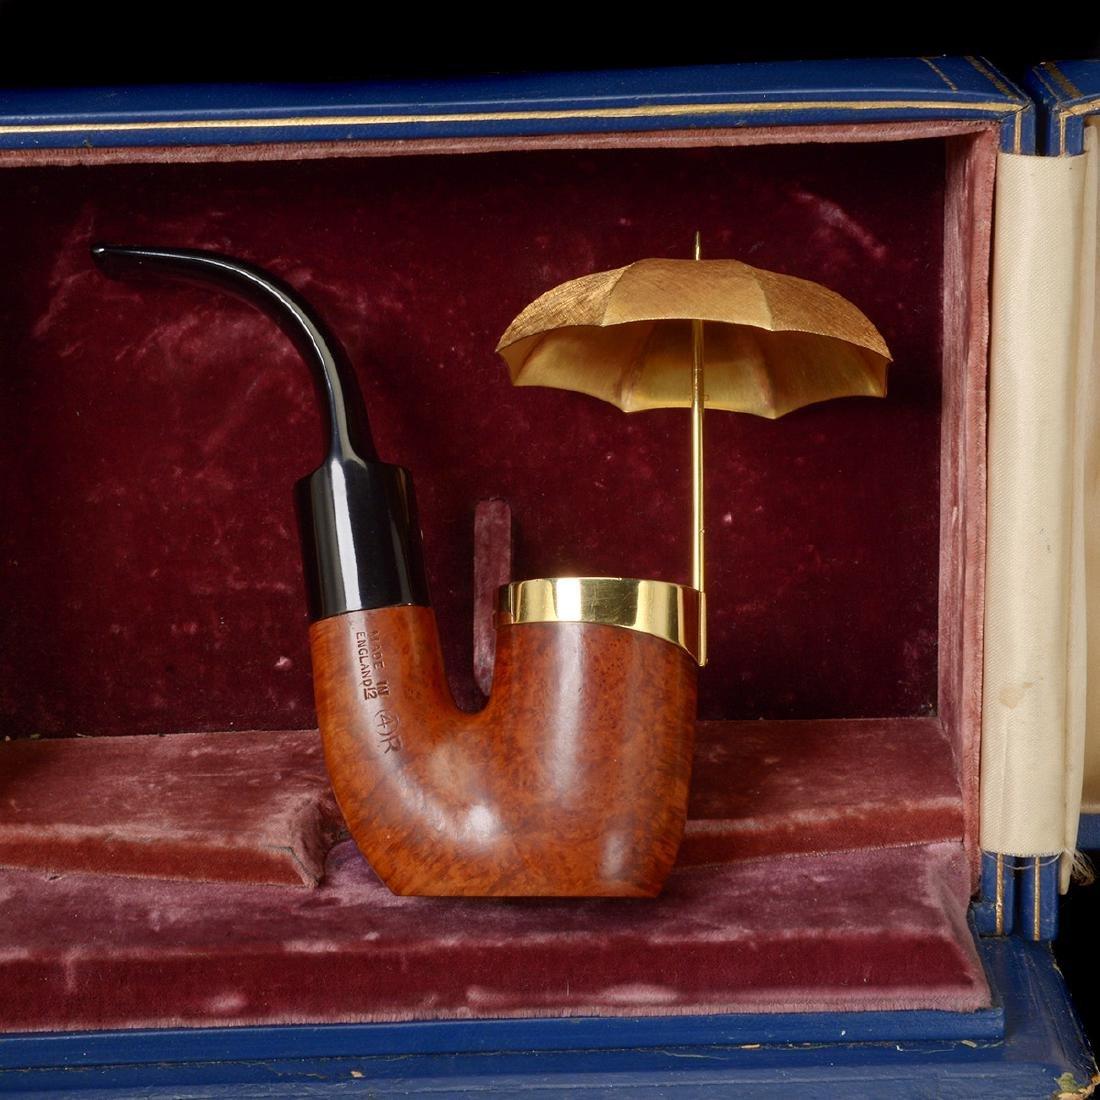 Dunhill Umbrella Pipe with Presentation Box - 4